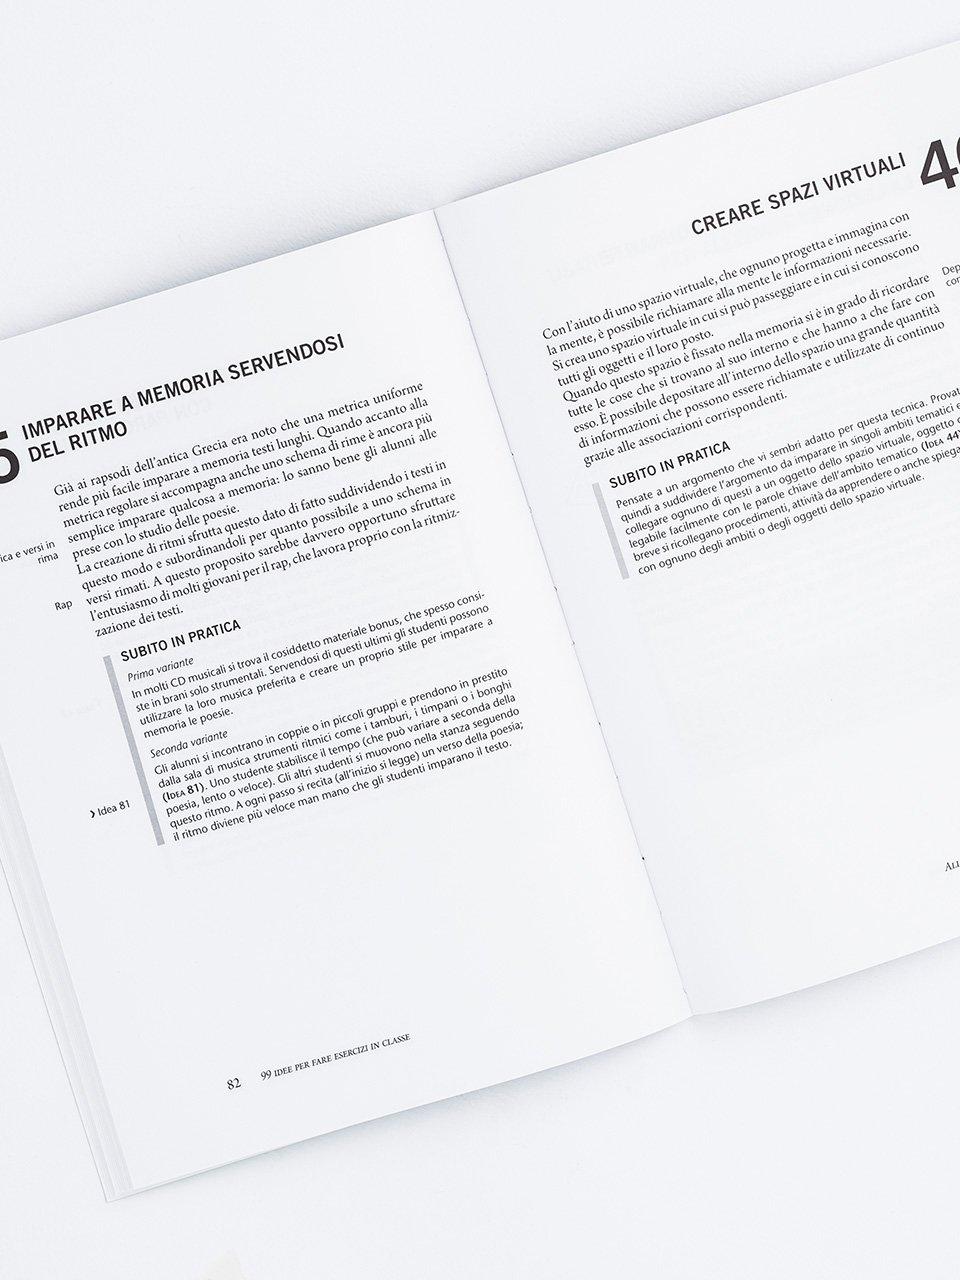 99 idee per fare esercizi in classe - Libri - Erickson 2